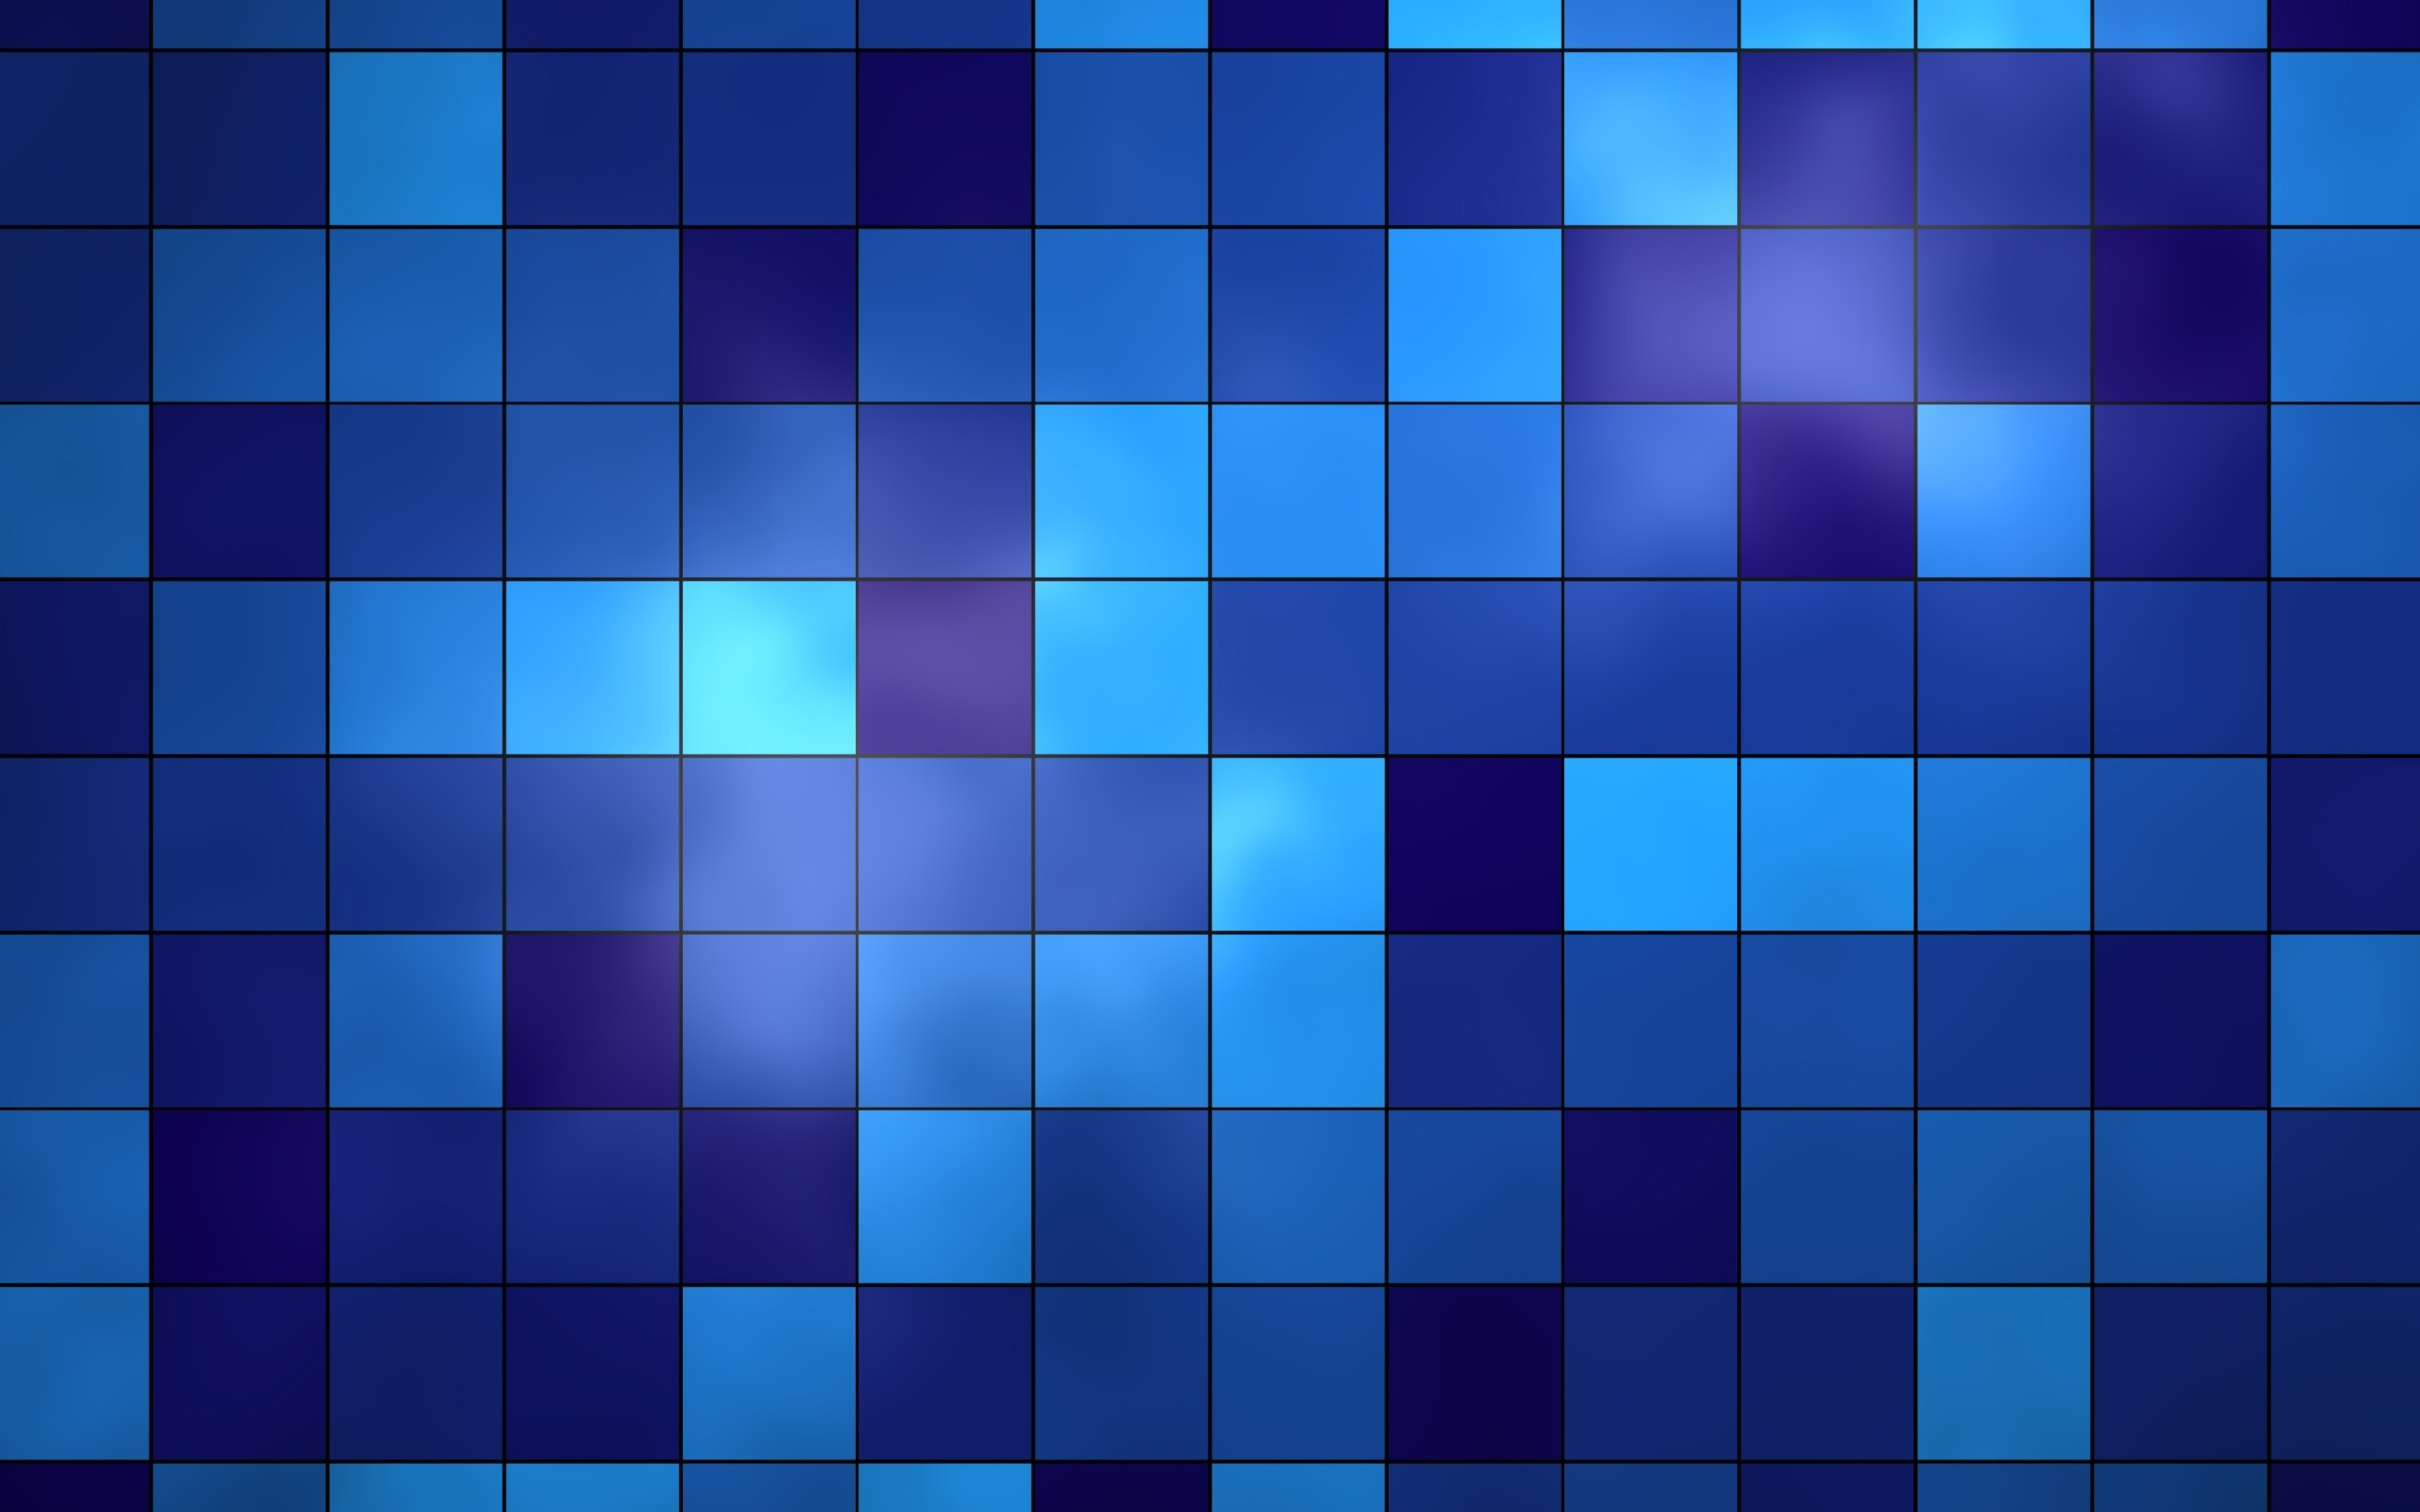 графика абстракция текстура graphics abstraction texture  № 2076245 бесплатно